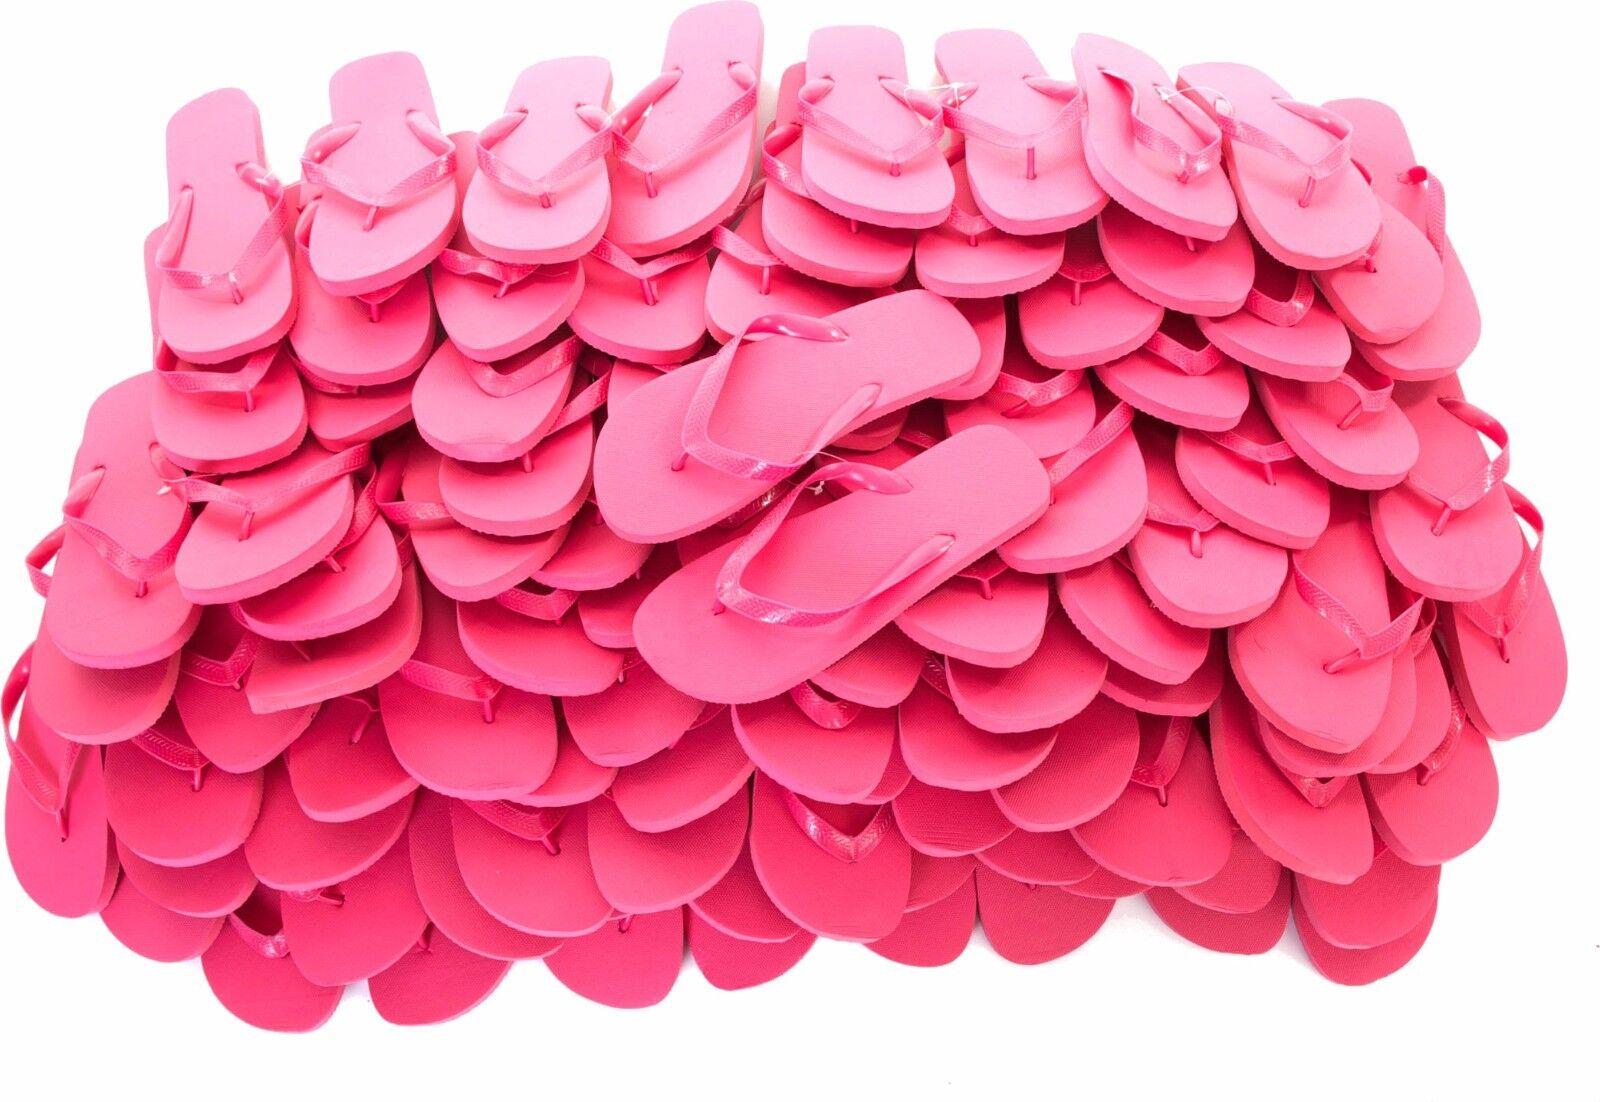 Zohula Rosa Flip Flops- Bulk Kaufen 10-100 nur Paaren von nur 10-100  Paar c9122c